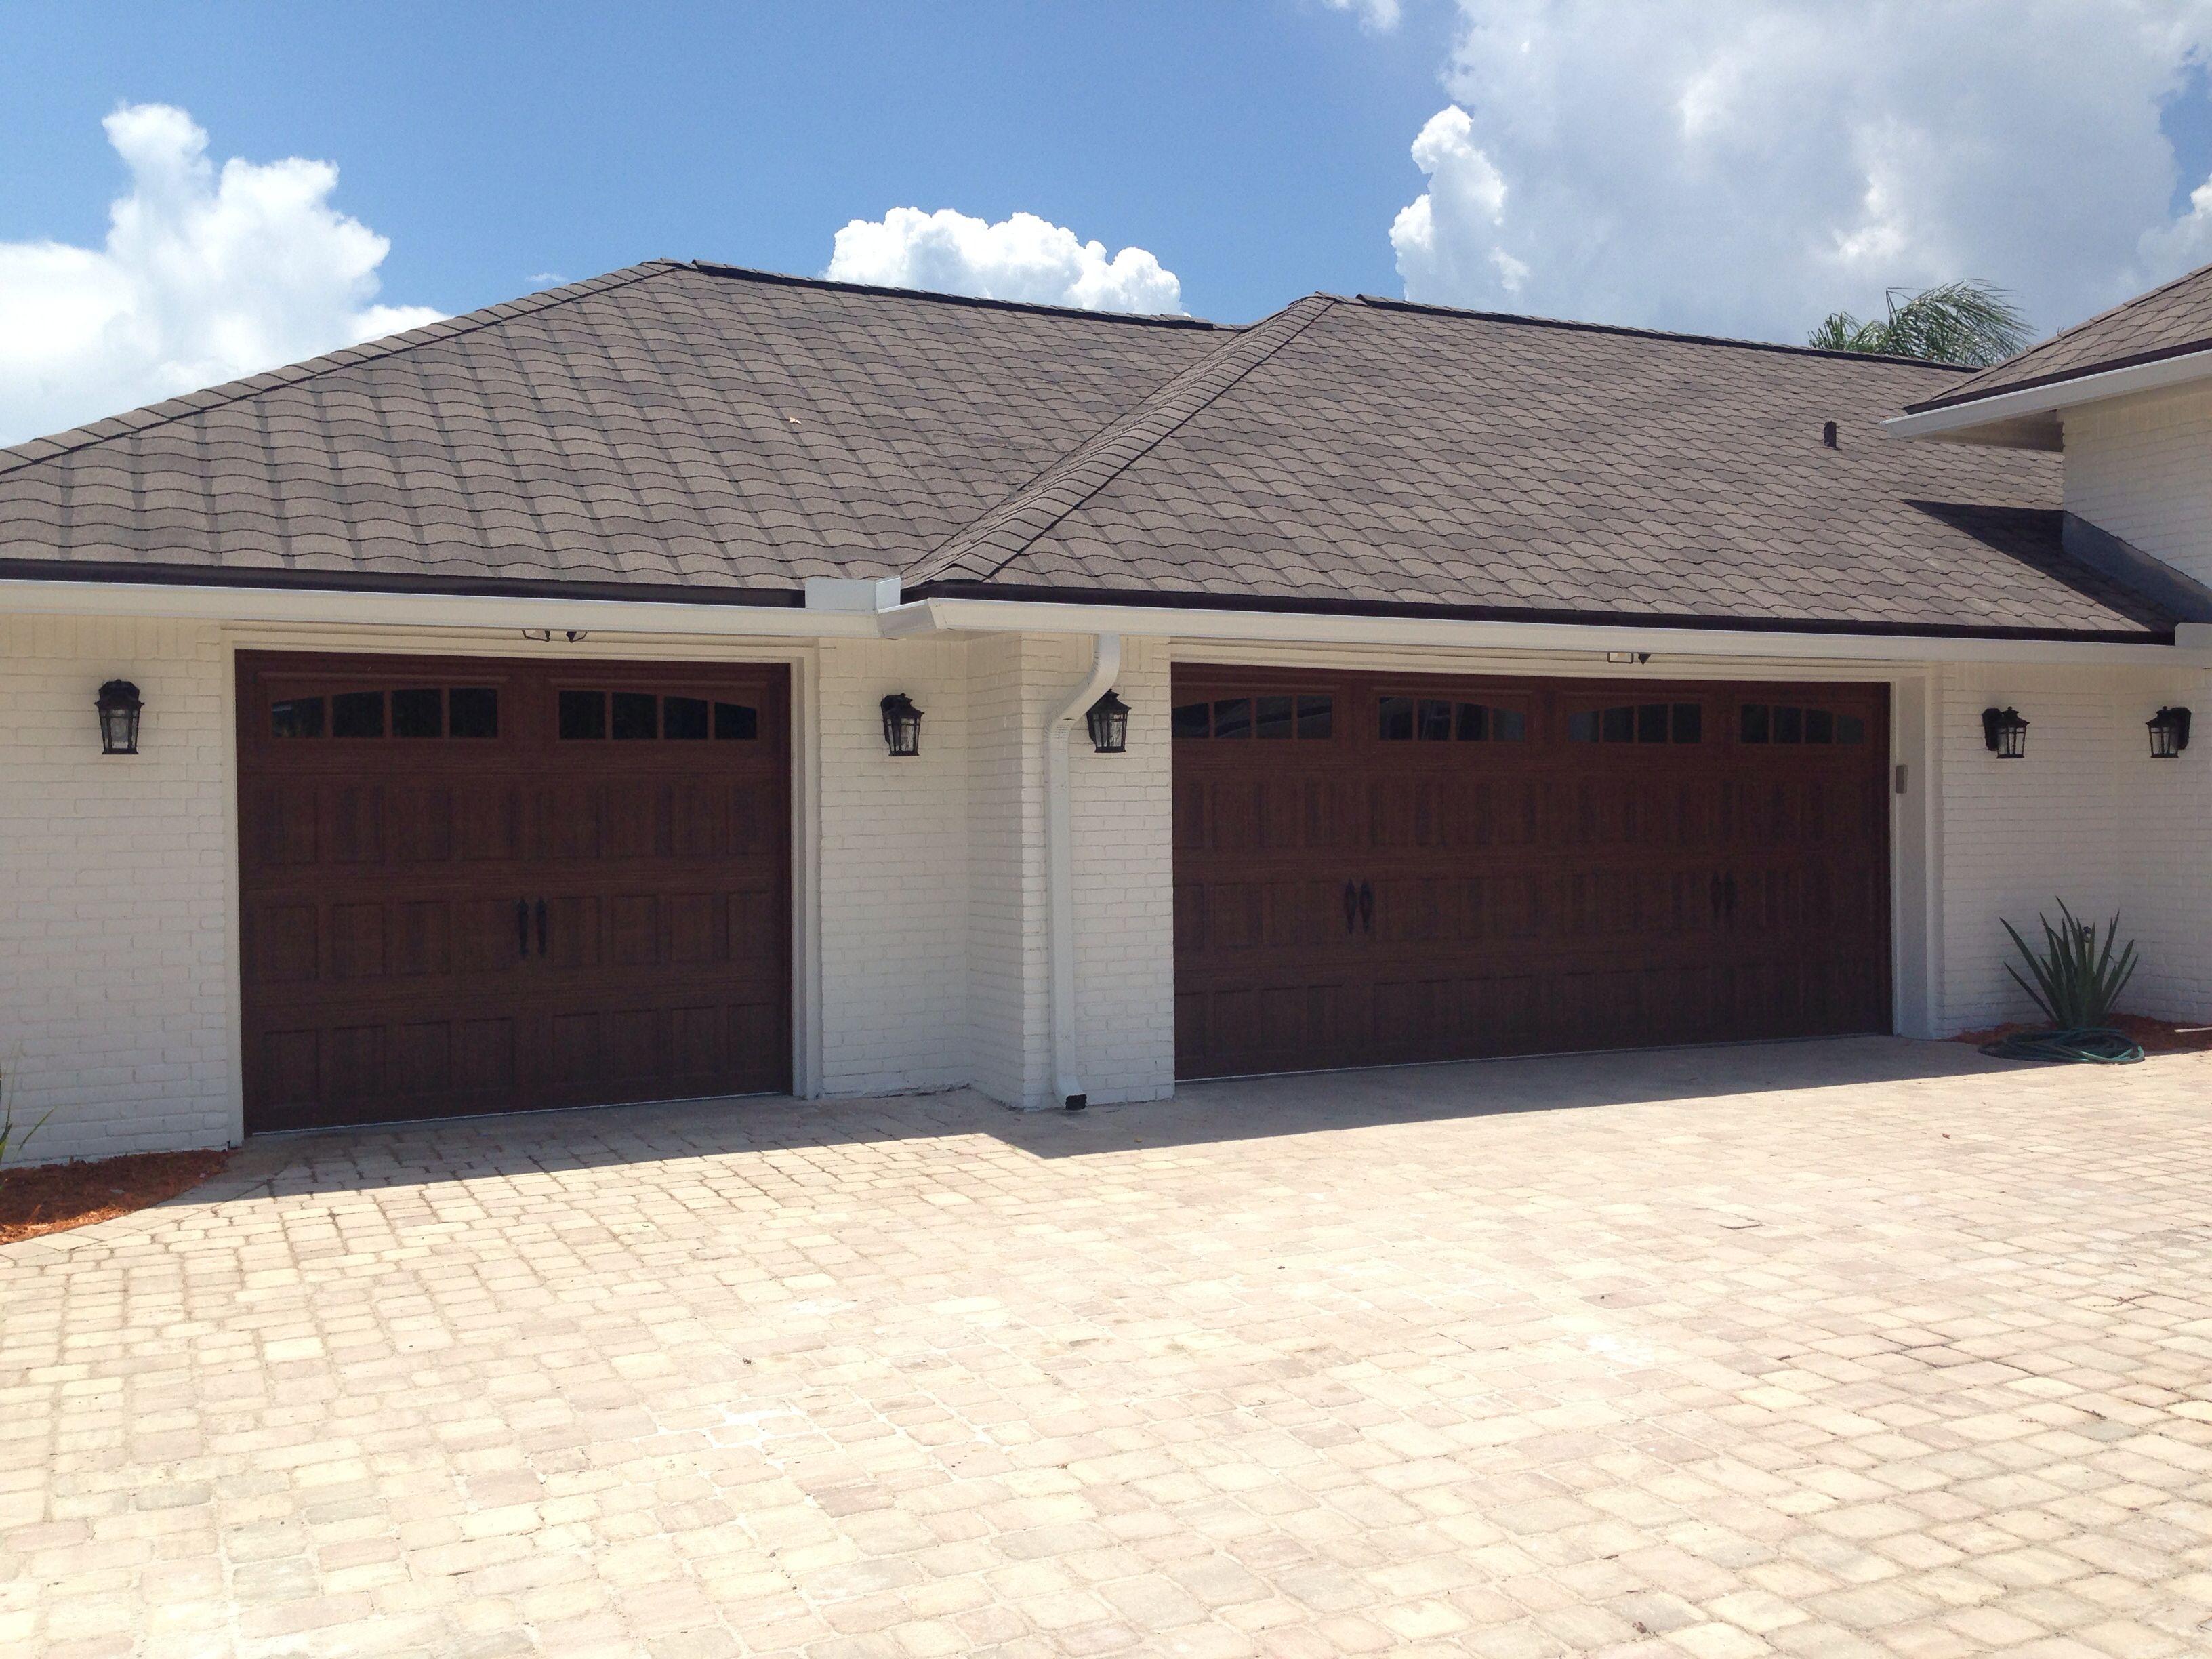 2448 #326099 3000 Garage America S Garage Summit 3000 Oak Summit Panel Arched  wallpaper 8x7 Garage Doors 37053264